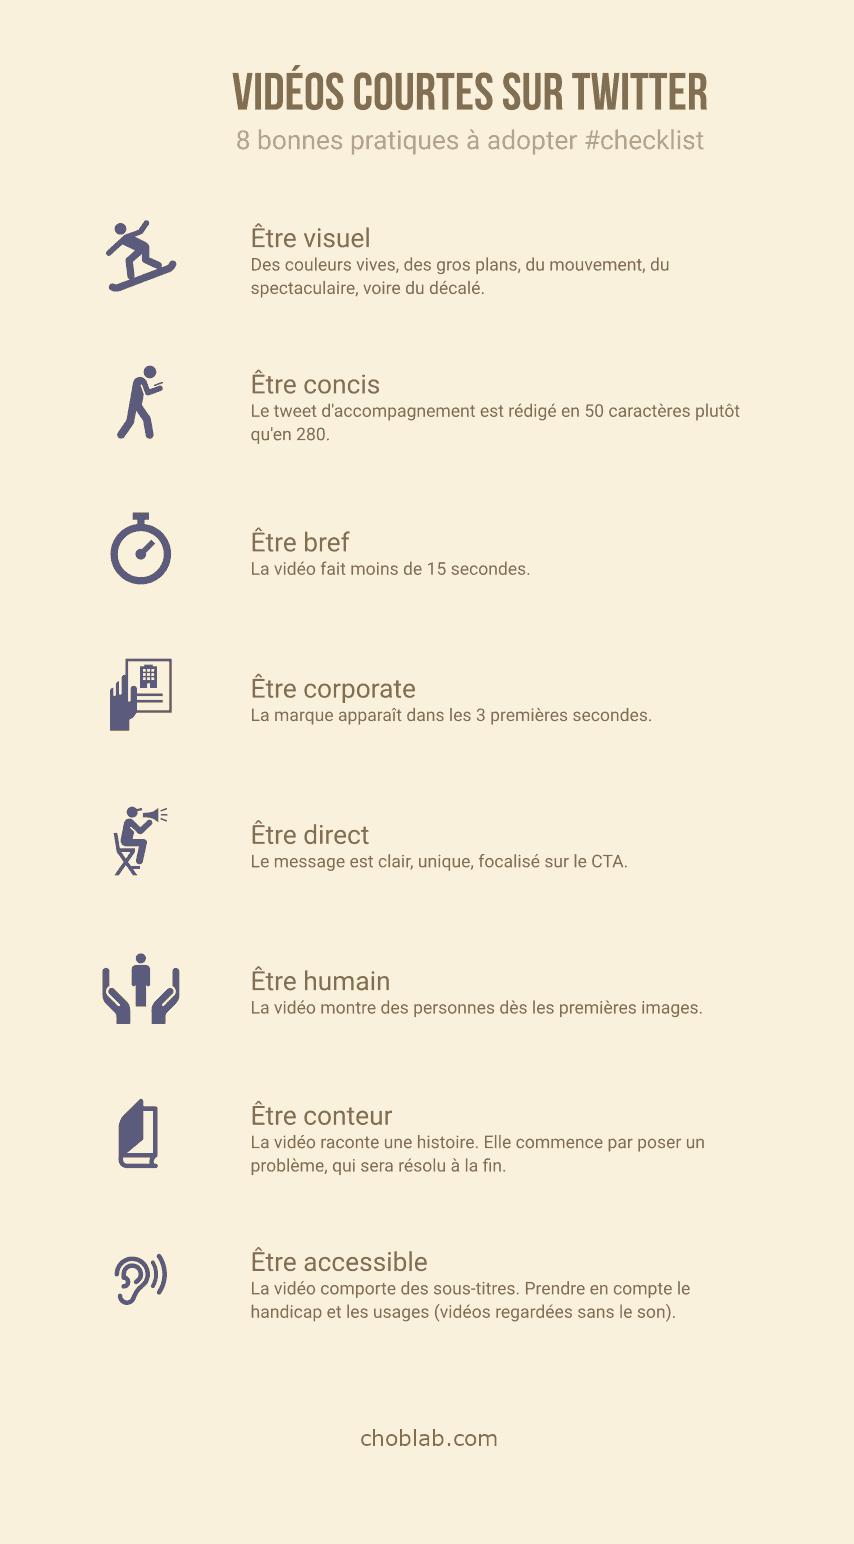 Vidéos courtes sur Twitter : 8 bonnes pratiques à adopter #checklist #infographie